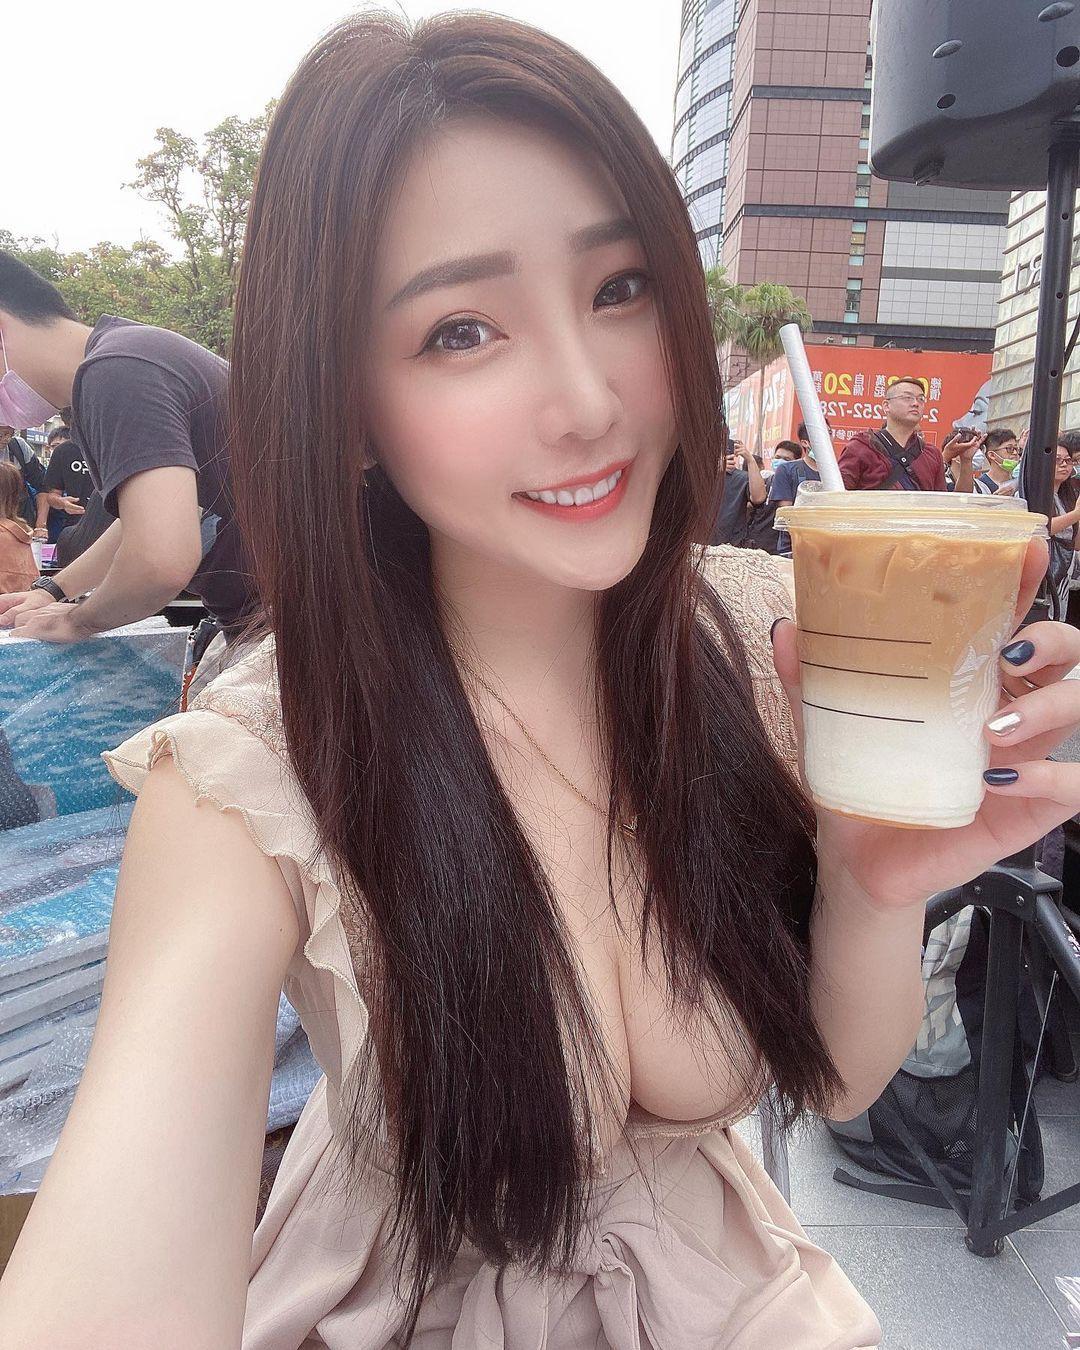 吃货美女许薇安Vivi Hsu丰满上围比拿铁还重